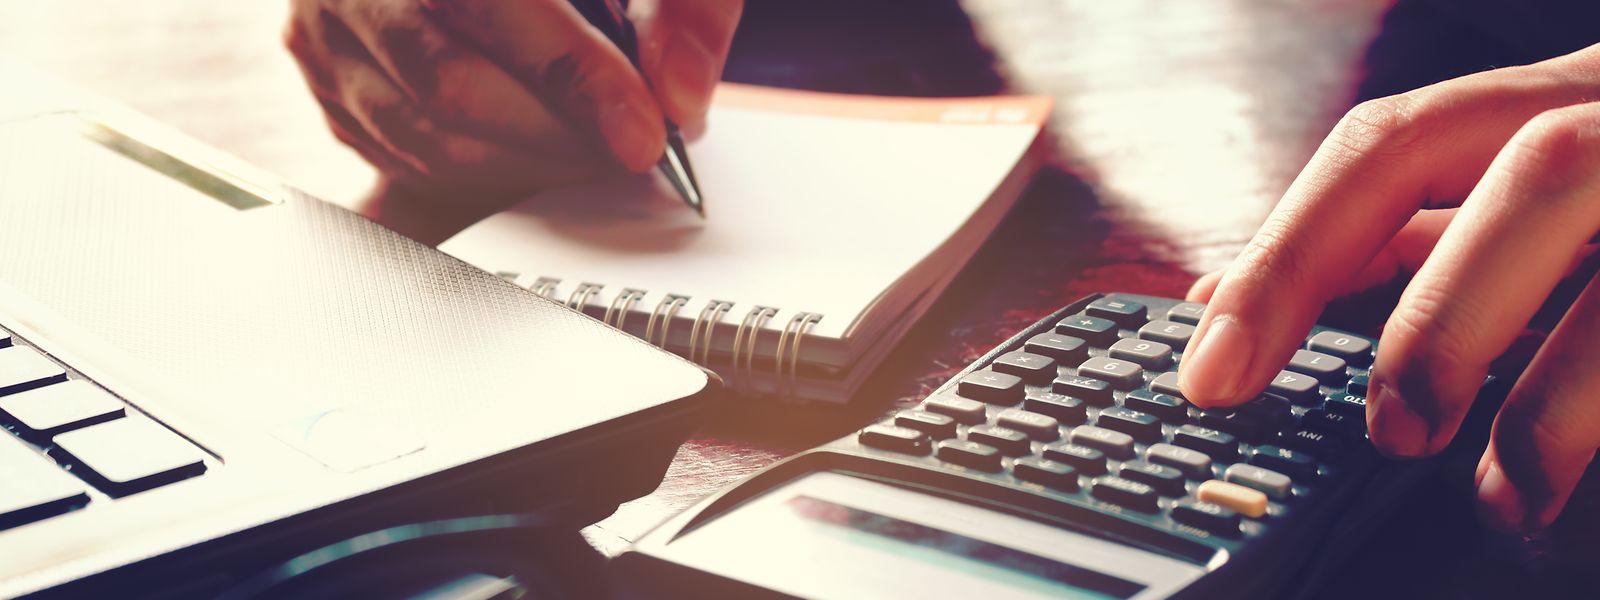 Les déclarations d'impôt peuvent également se faire en ligne via MyGuichet.lu.